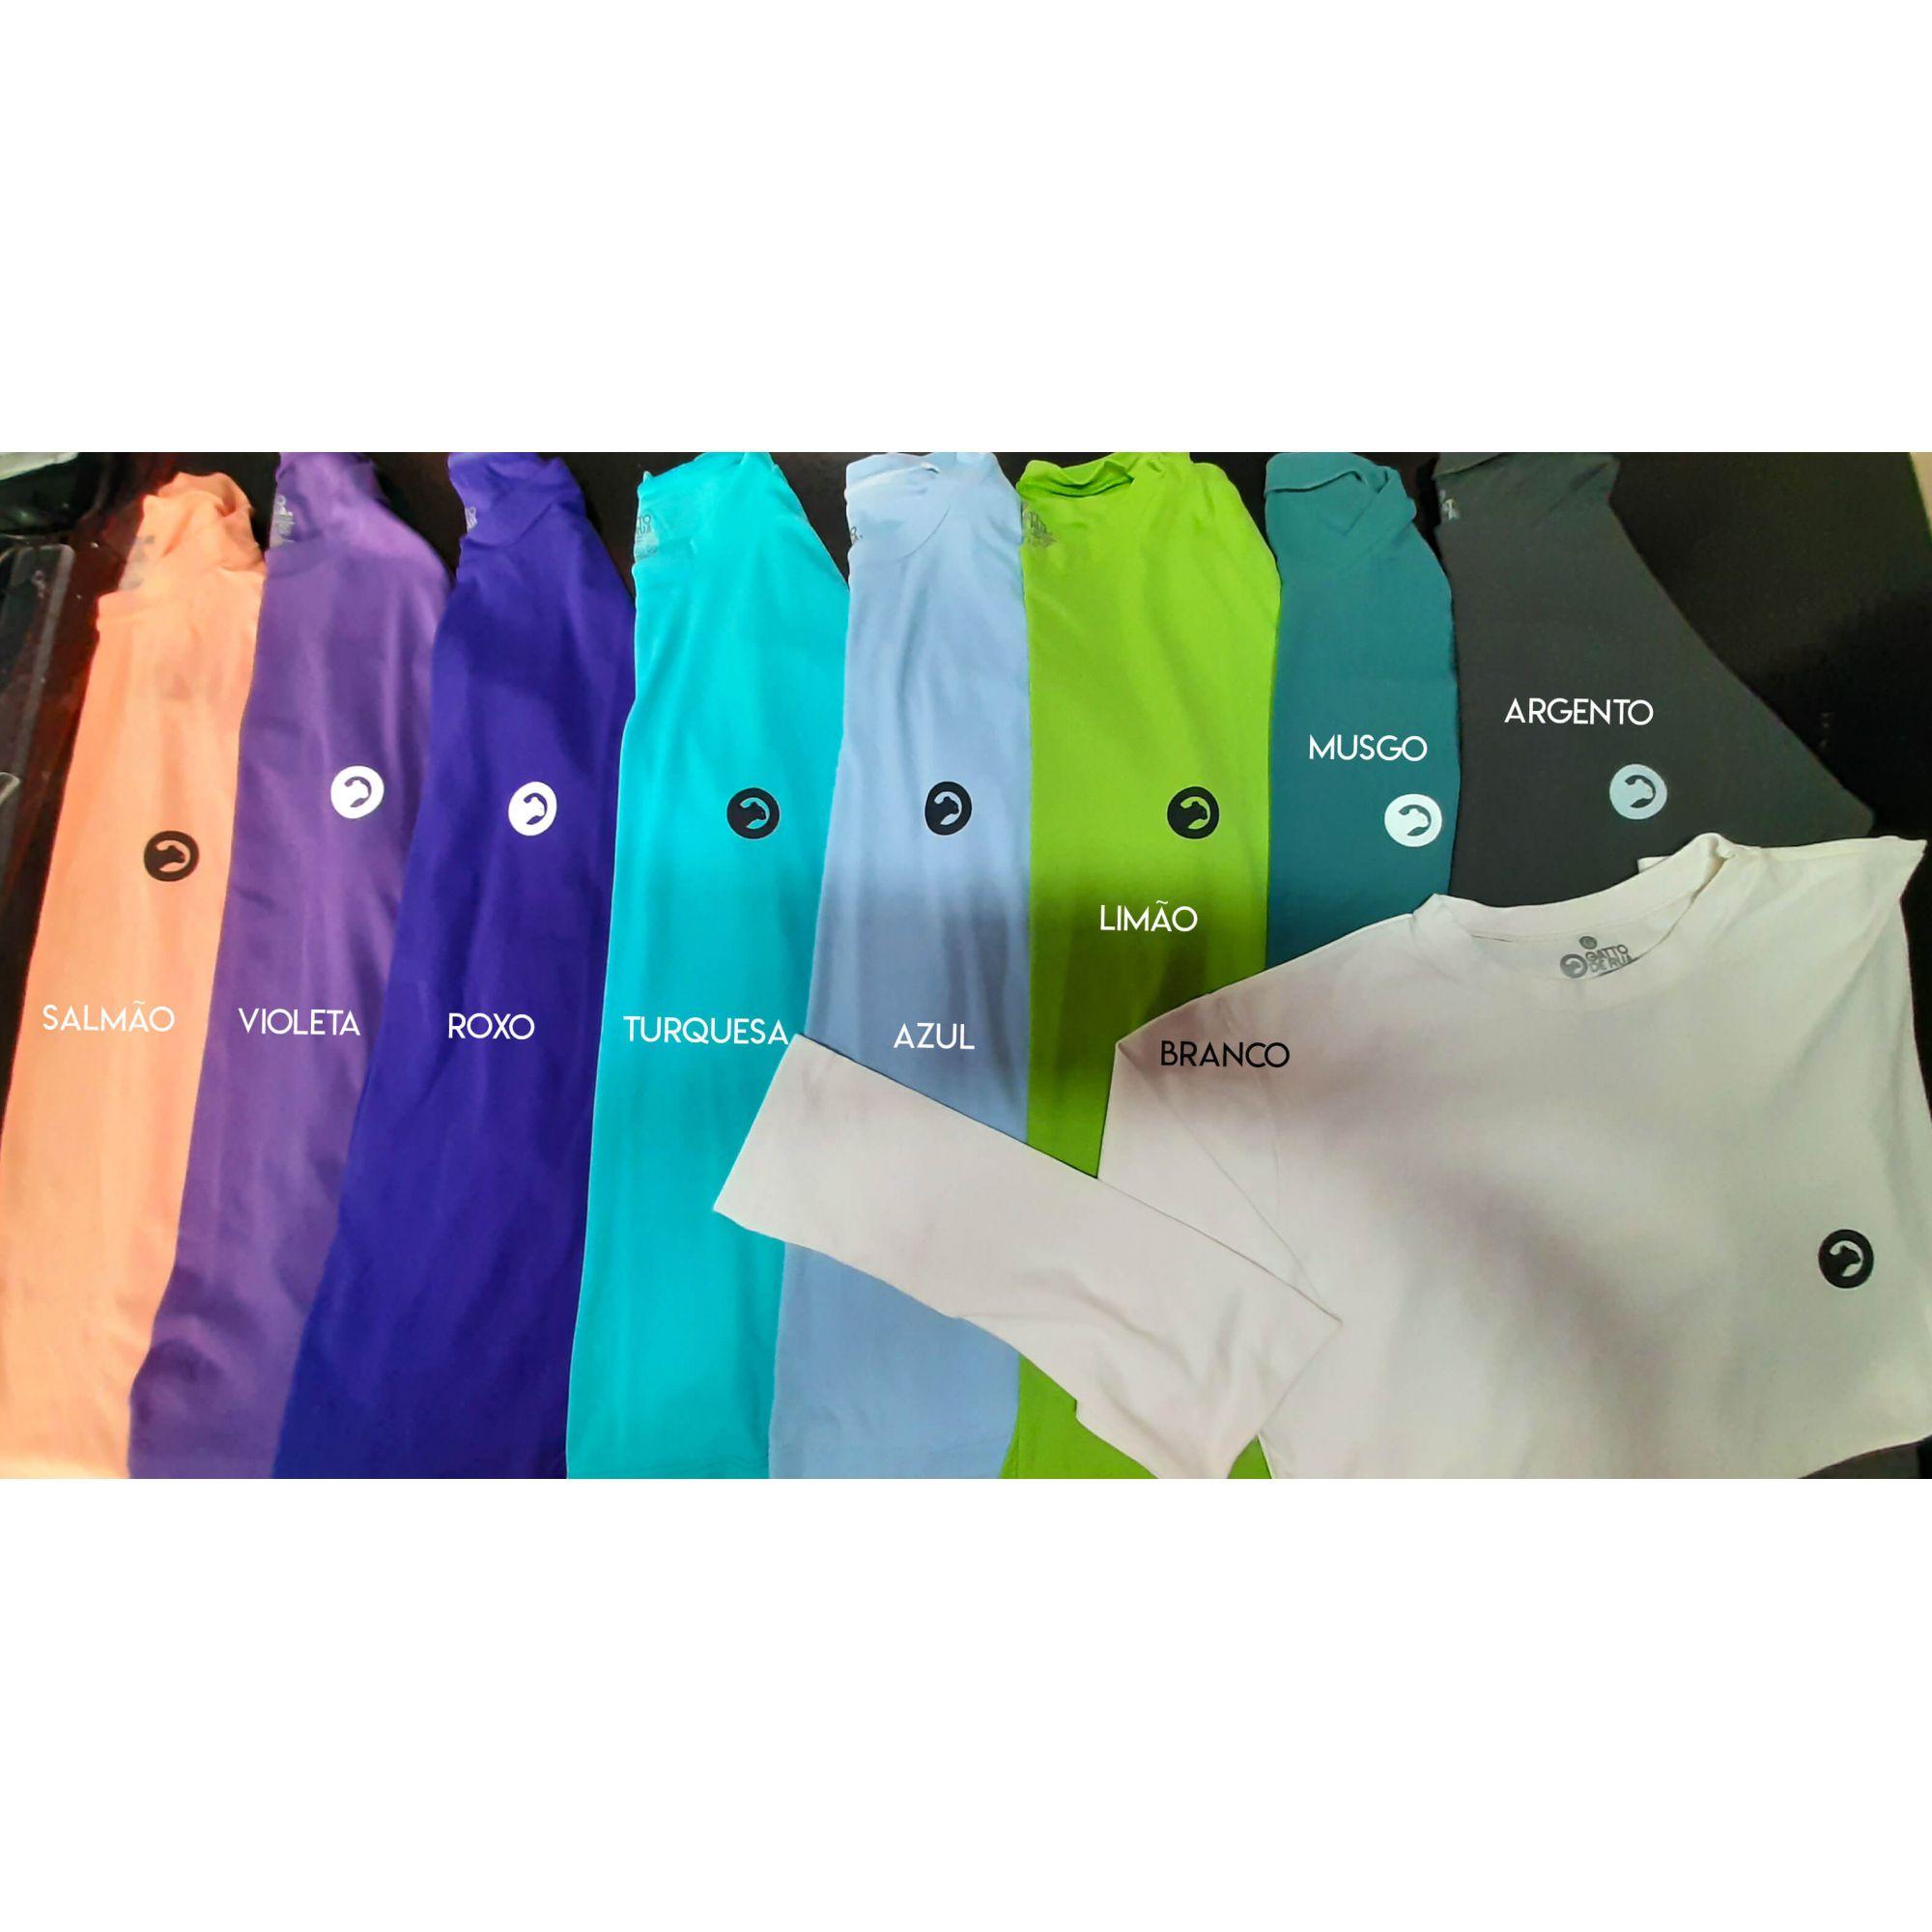 2 Camisetas Manga Longa UV Por R$69,90